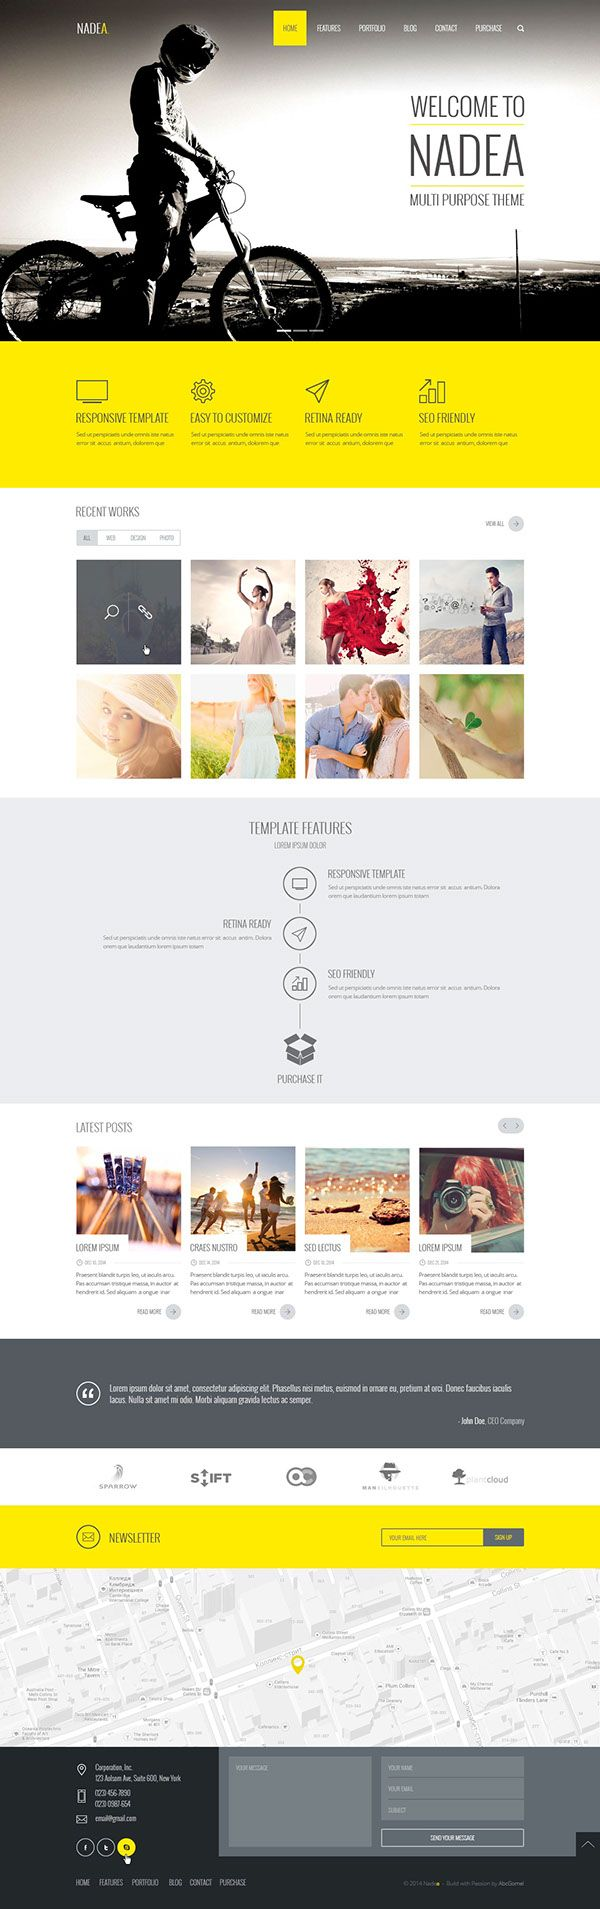 Nadea – Multipurpose PSD Template on Web Design Served